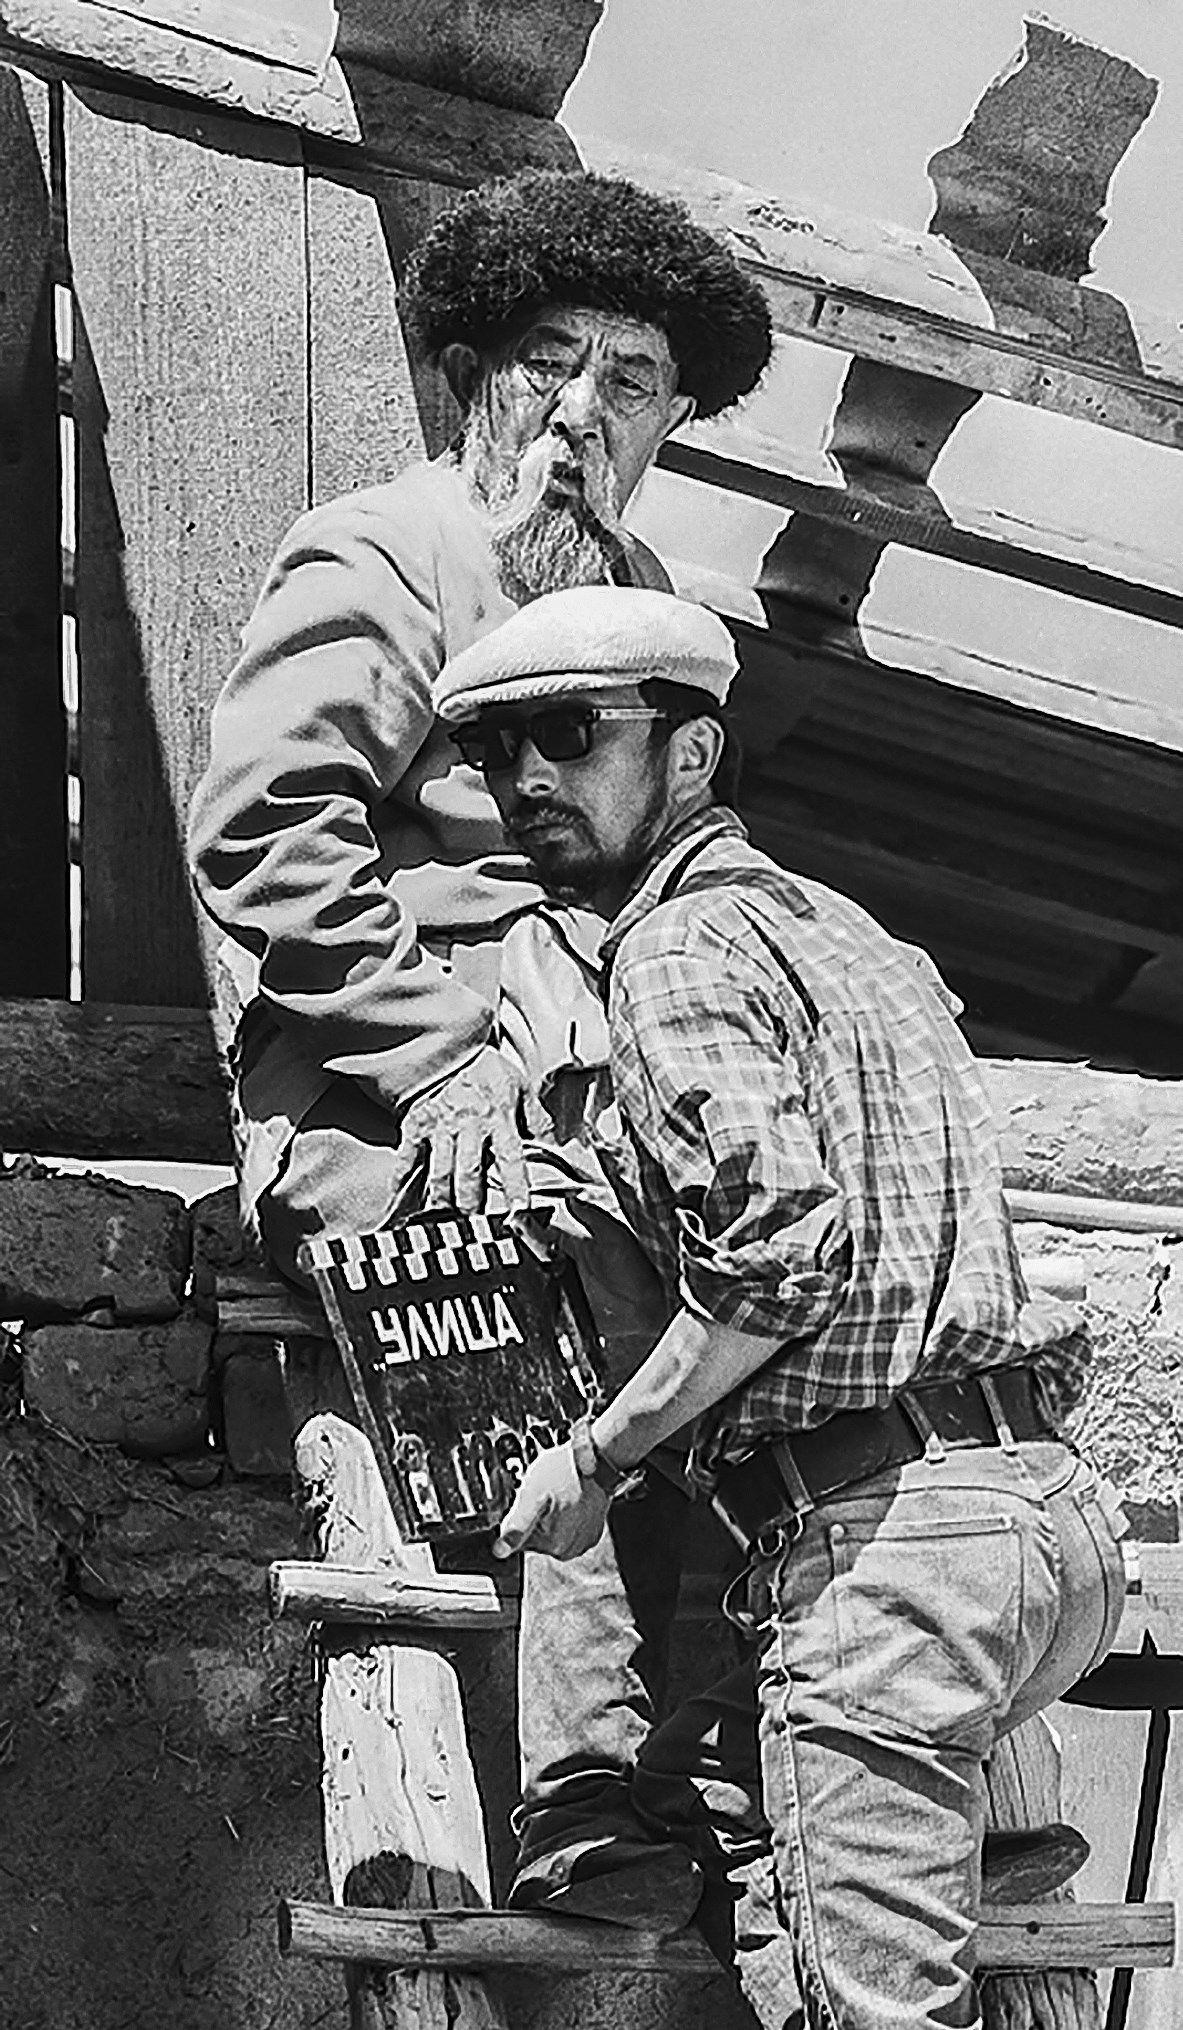 СССРдин эл артисти Муратбек Рыскулов менен кинорежиссер, сценарист Төлөгөн Сыдыковдун сүрөтү 1972-жылы Ош облусунда тартылган